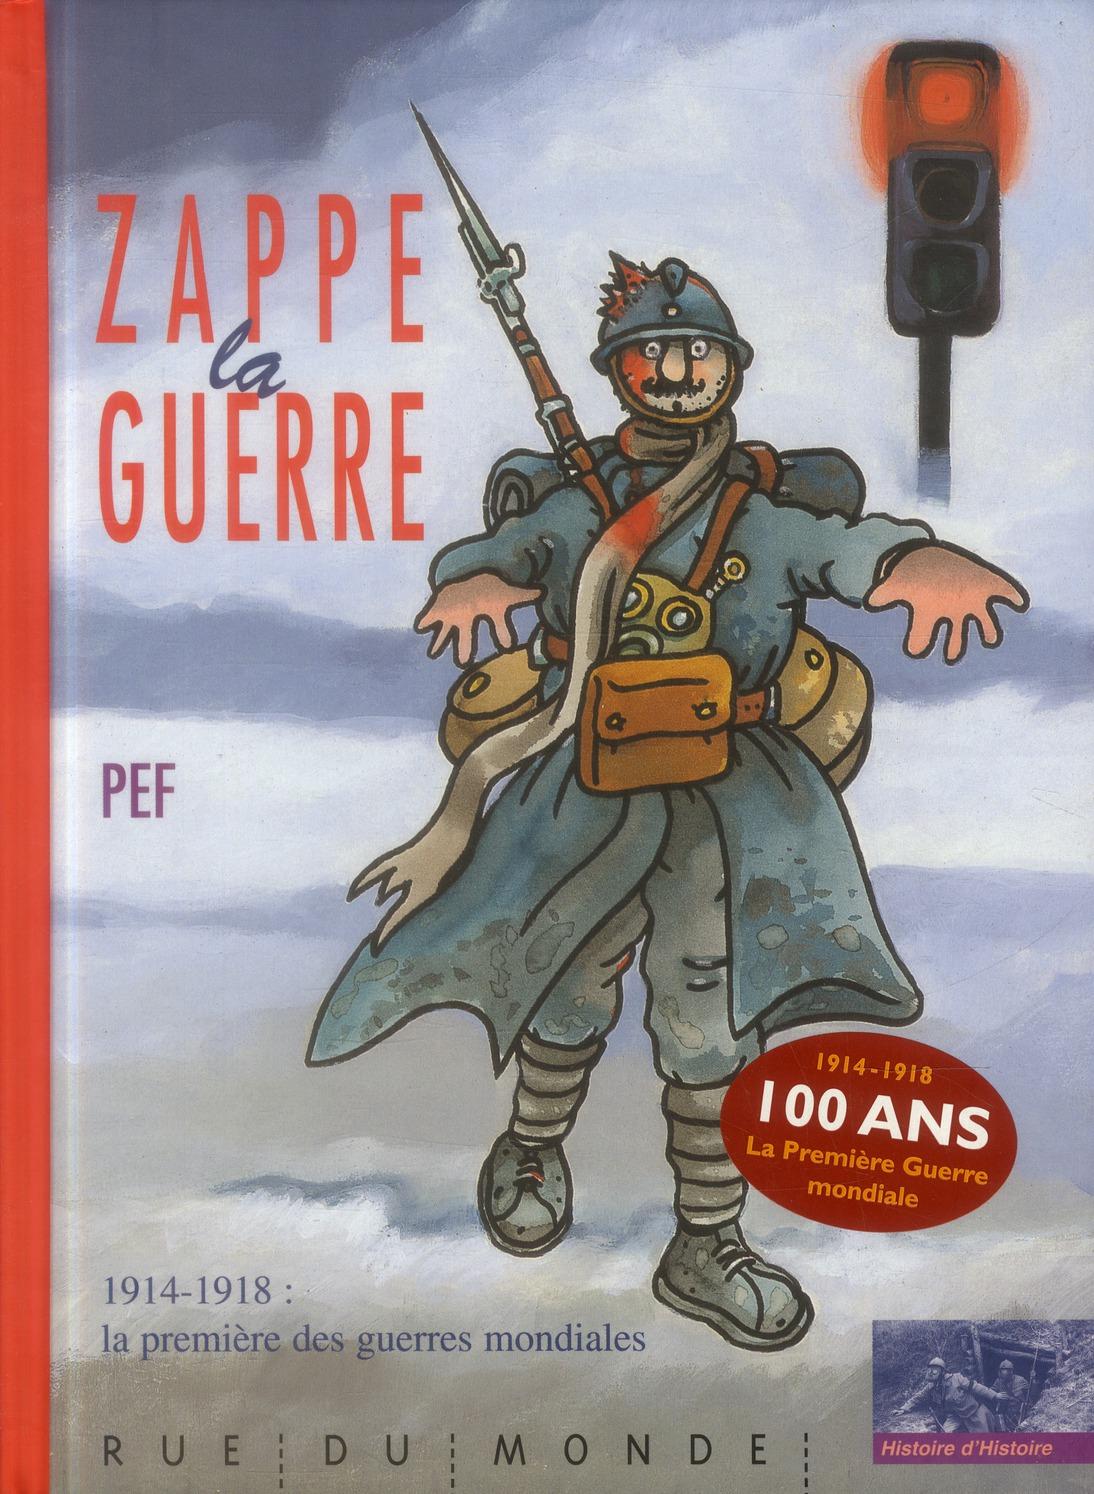 ZAPPE LA GUERRE  -  1914-1918 : LA PREMIERE DES GUERRES MONDIALES  PEF RUE DU MONDE